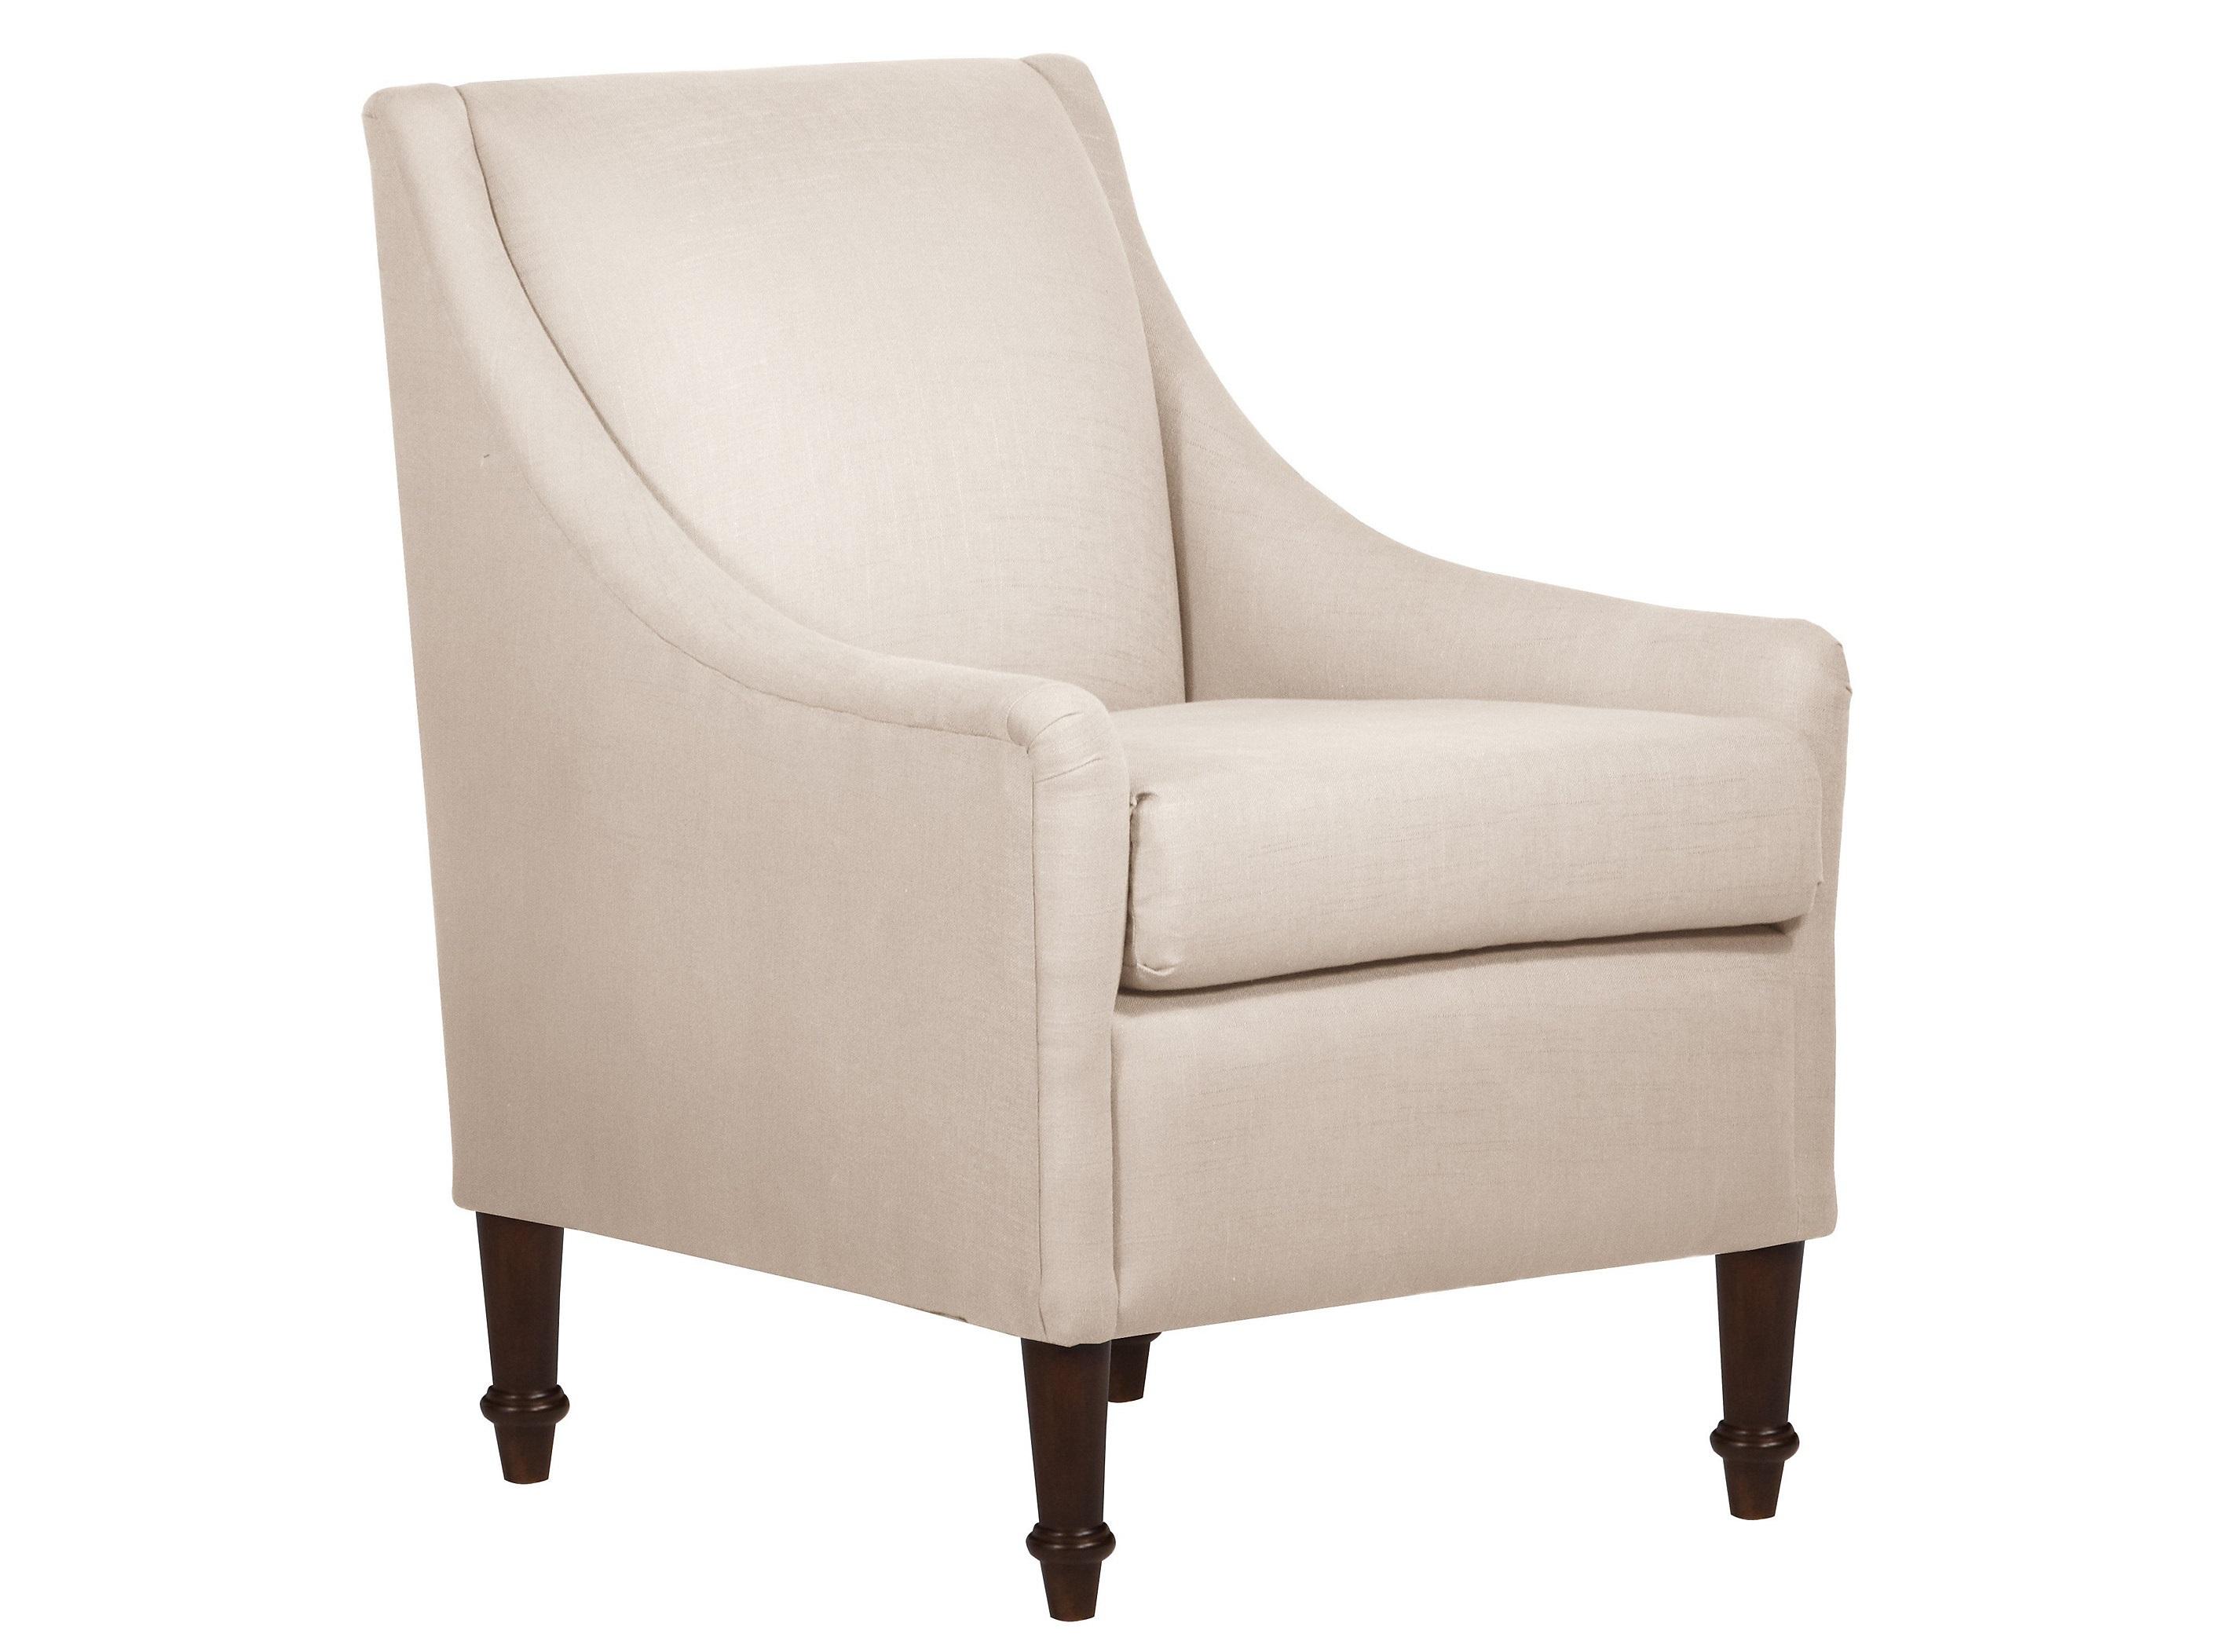 Интерьерное кресло HolmesИнтерьерные кресла<br>&amp;lt;div&amp;gt;Особенности кресла: ножки из дуба .&amp;amp;nbsp;&amp;lt;br&amp;gt;&amp;lt;/div&amp;gt;&amp;lt;div&amp;gt;Обивку кресла можно подобрать, палитру и цену уточняйте у менеджера.&amp;lt;br&amp;gt;&amp;lt;/div&amp;gt;&amp;lt;div&amp;gt;&amp;lt;br&amp;gt;&amp;lt;/div&amp;gt;&amp;lt;div&amp;gt;Высота сидения: 48 см.&amp;lt;/div&amp;gt;&amp;lt;div&amp;gt;&amp;lt;br&amp;gt;&amp;lt;/div&amp;gt;&amp;lt;div&amp;gt;&amp;lt;br&amp;gt;&amp;lt;/div&amp;gt;<br><br>Material: Текстиль<br>Width см: 66<br>Depth см: 77<br>Height см: 84